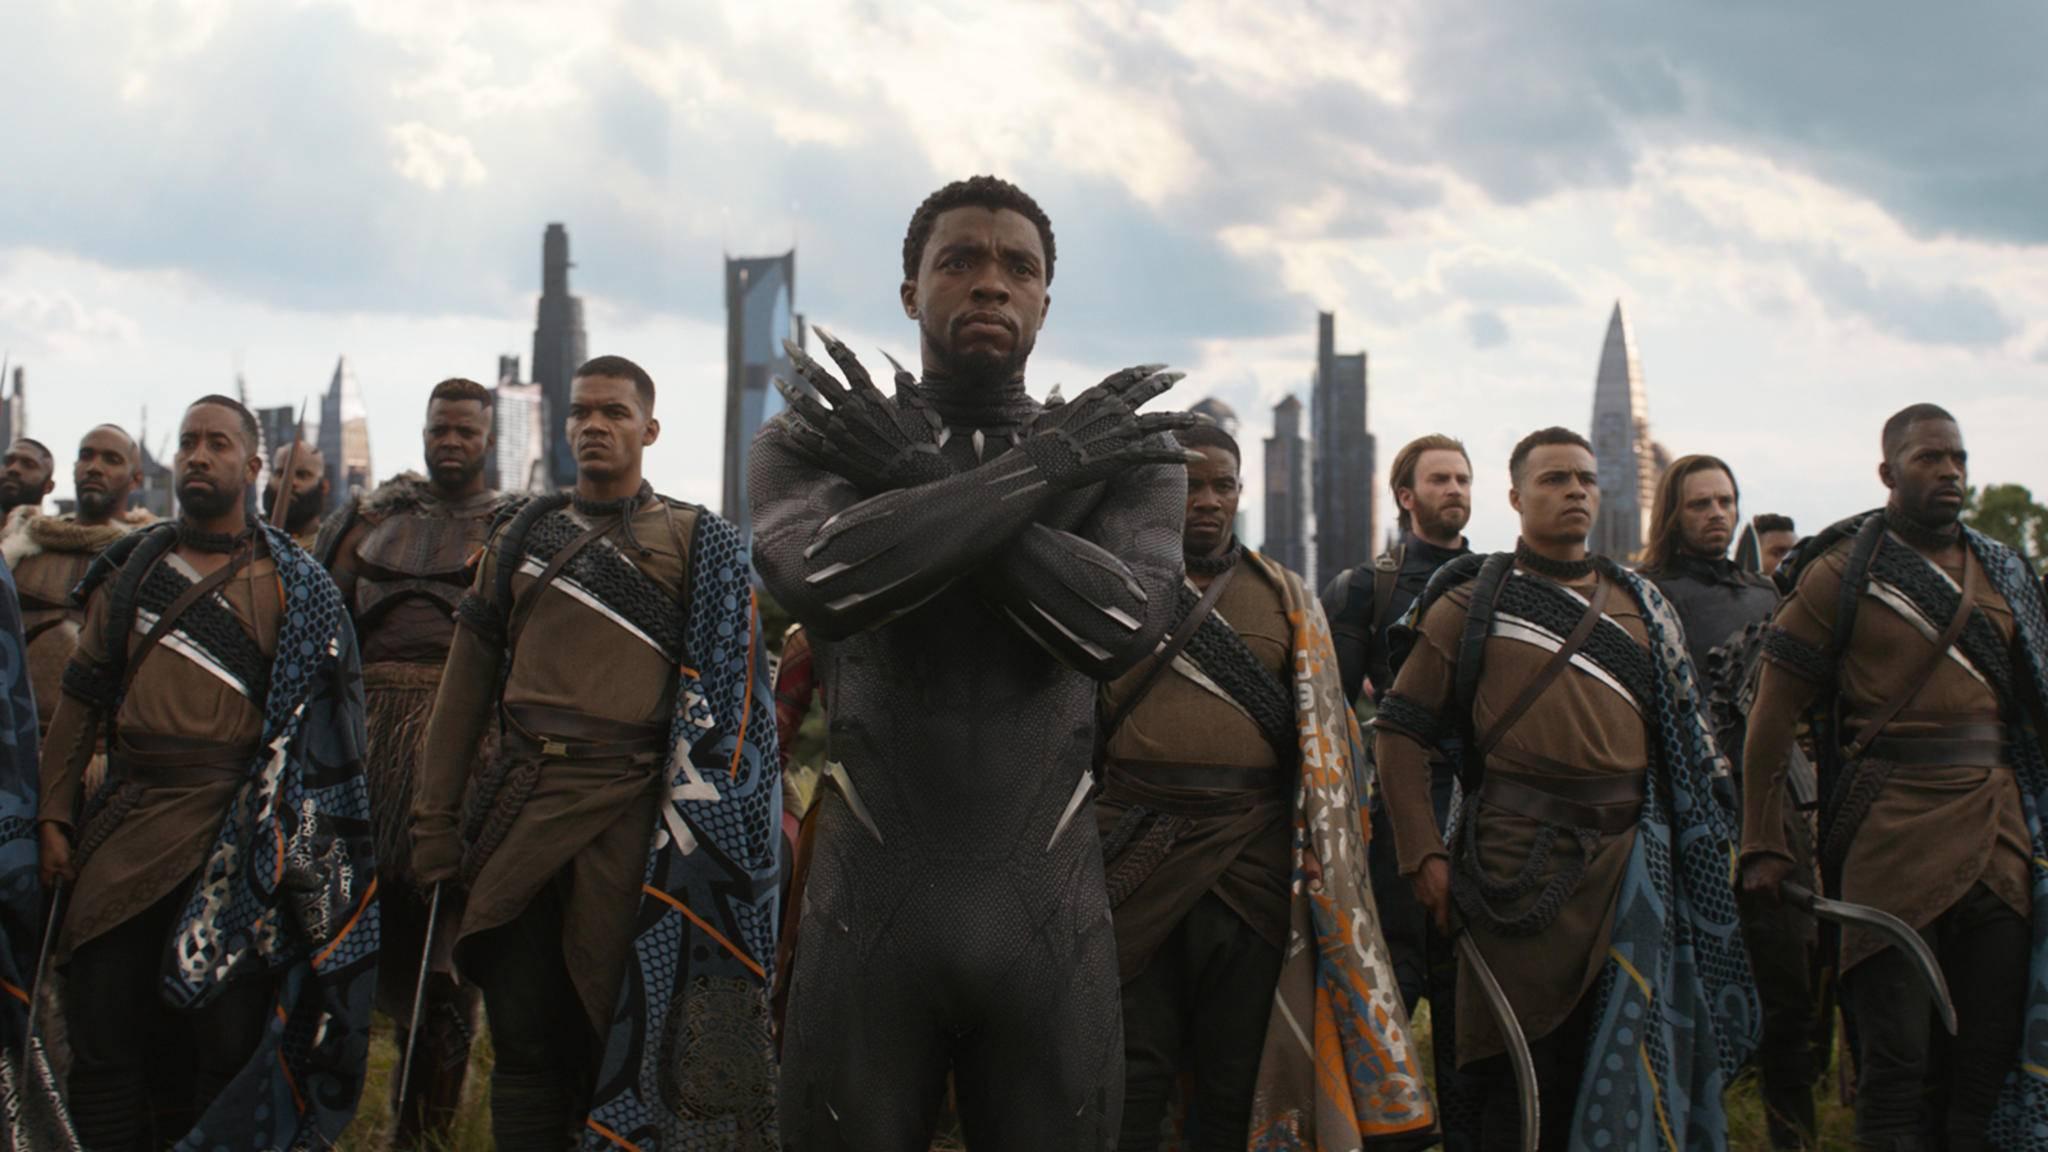 """Da fährt auch der Black Panther gereizt die Krallen aus – """"Infinity War"""" wurde offenbar ohne Einbezug der Regisseure zensiert."""